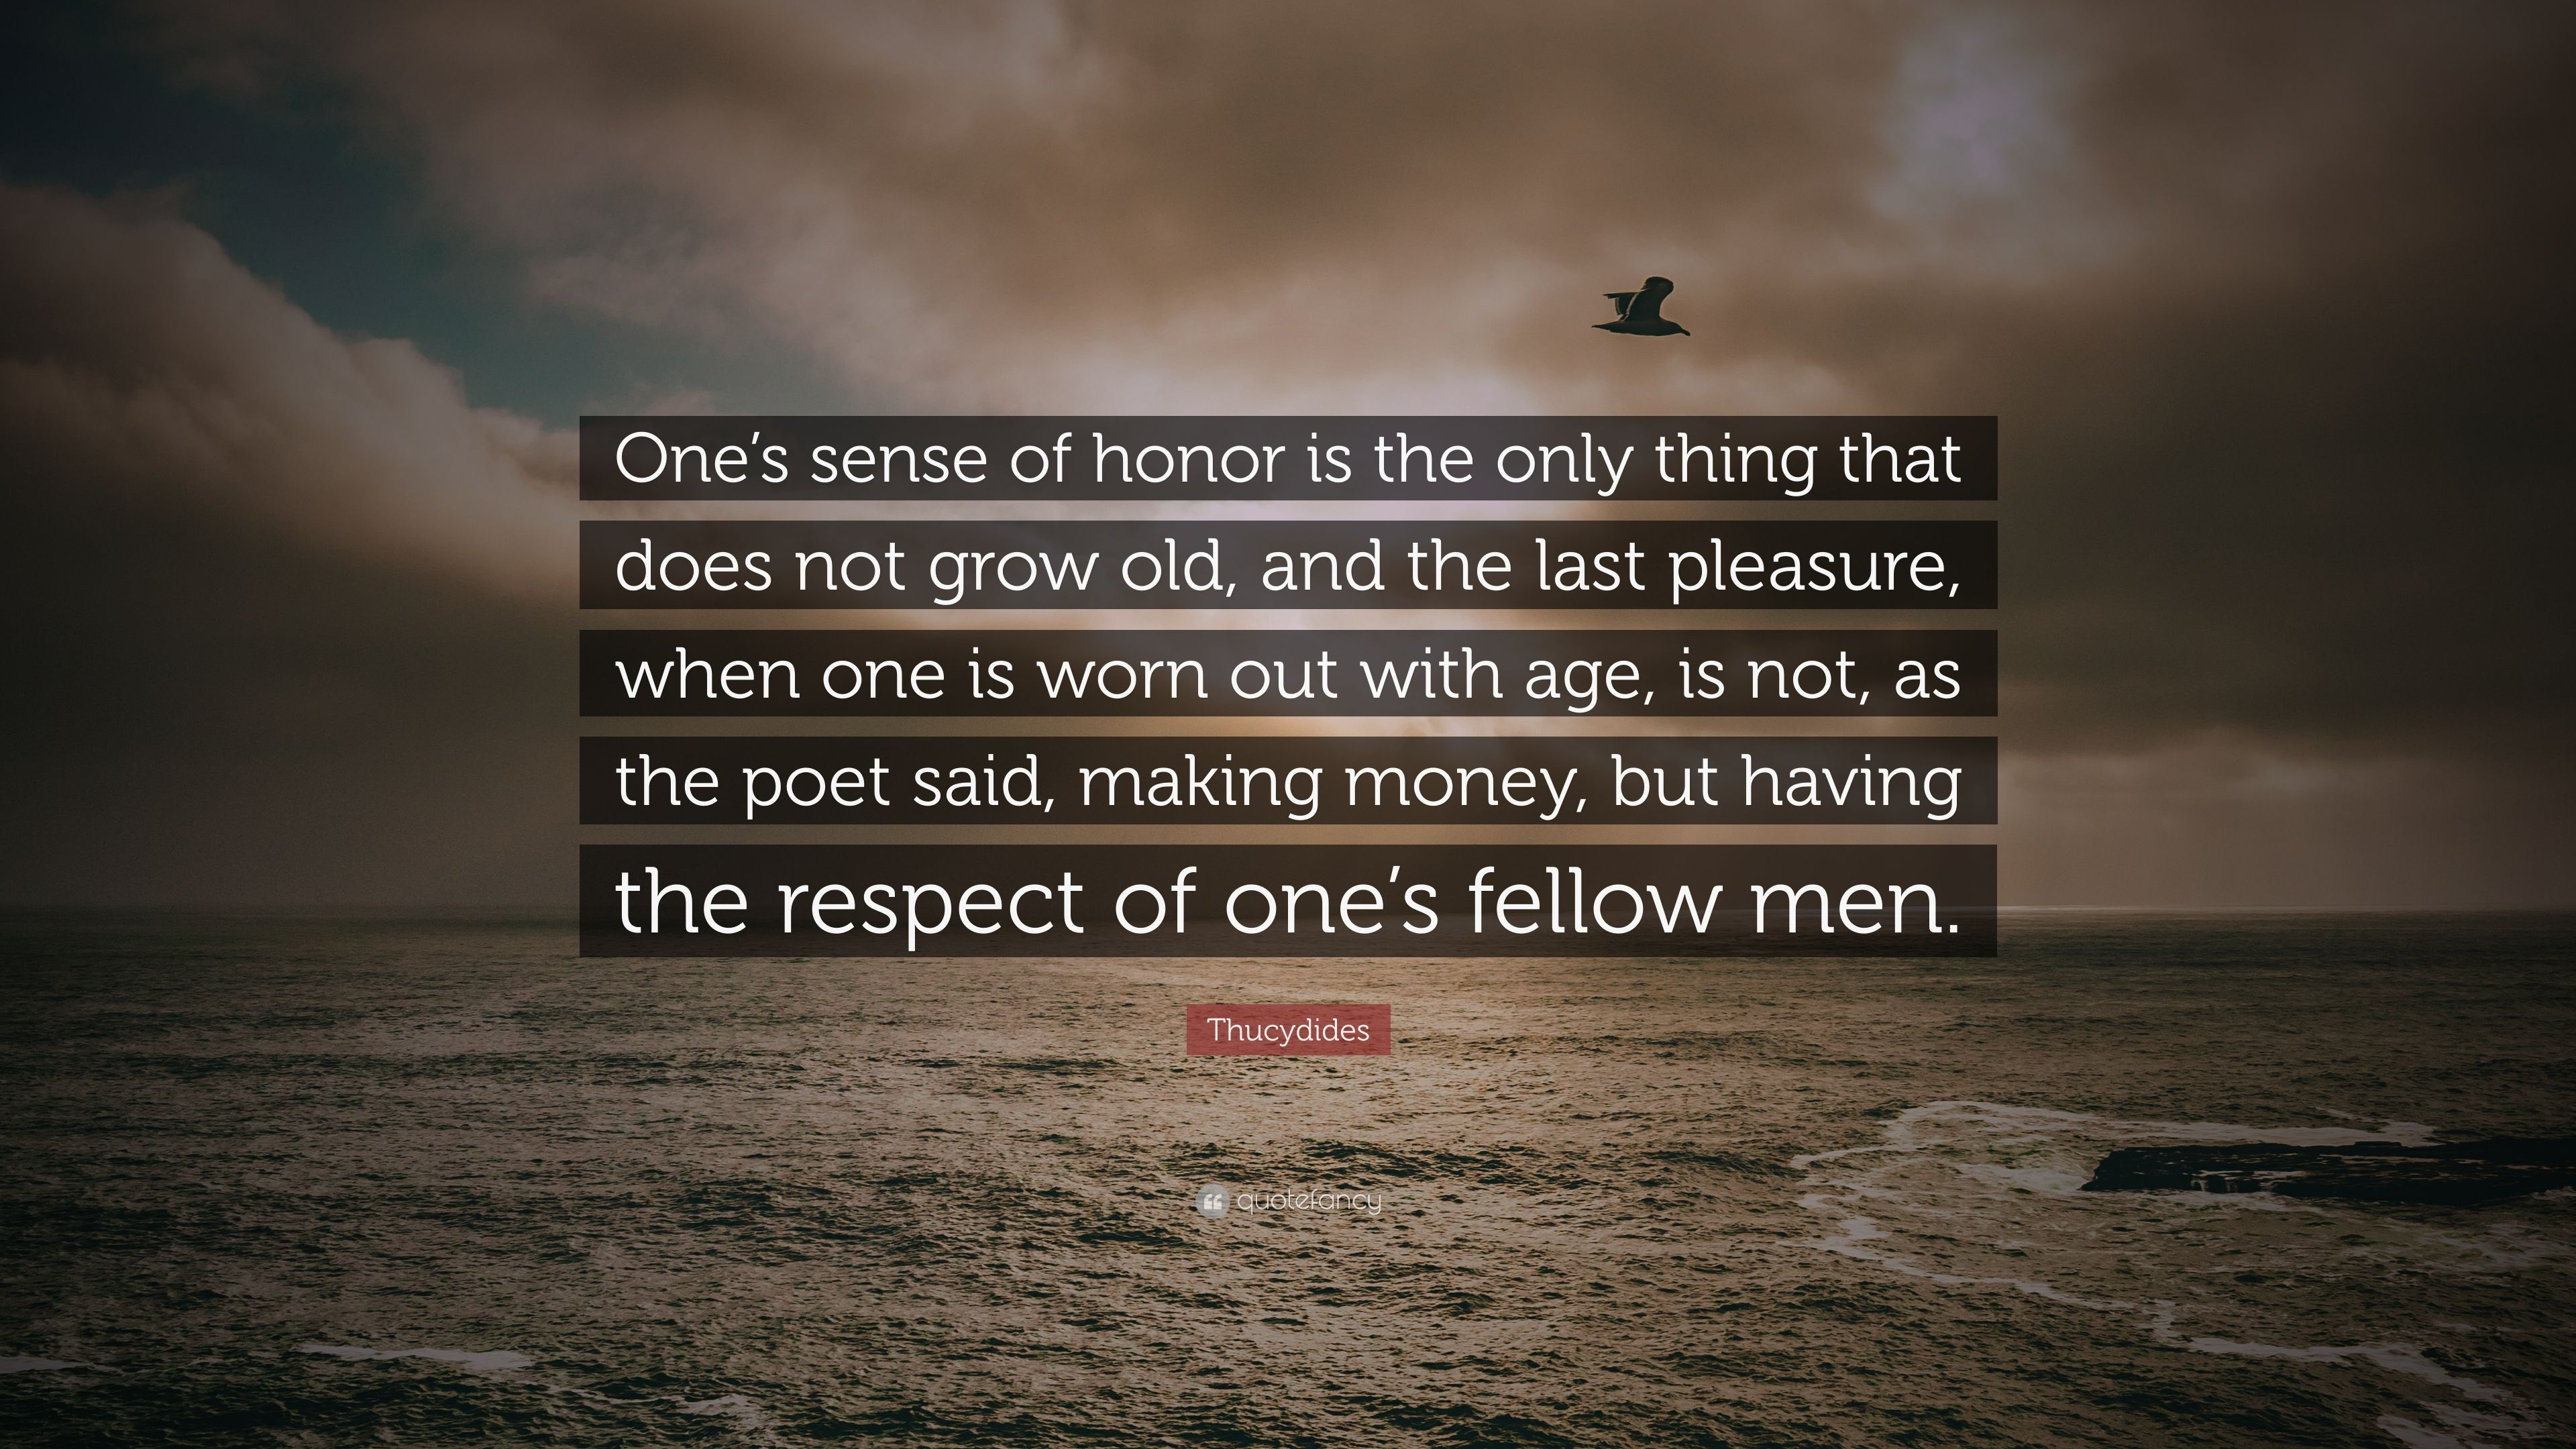 a sense of honor